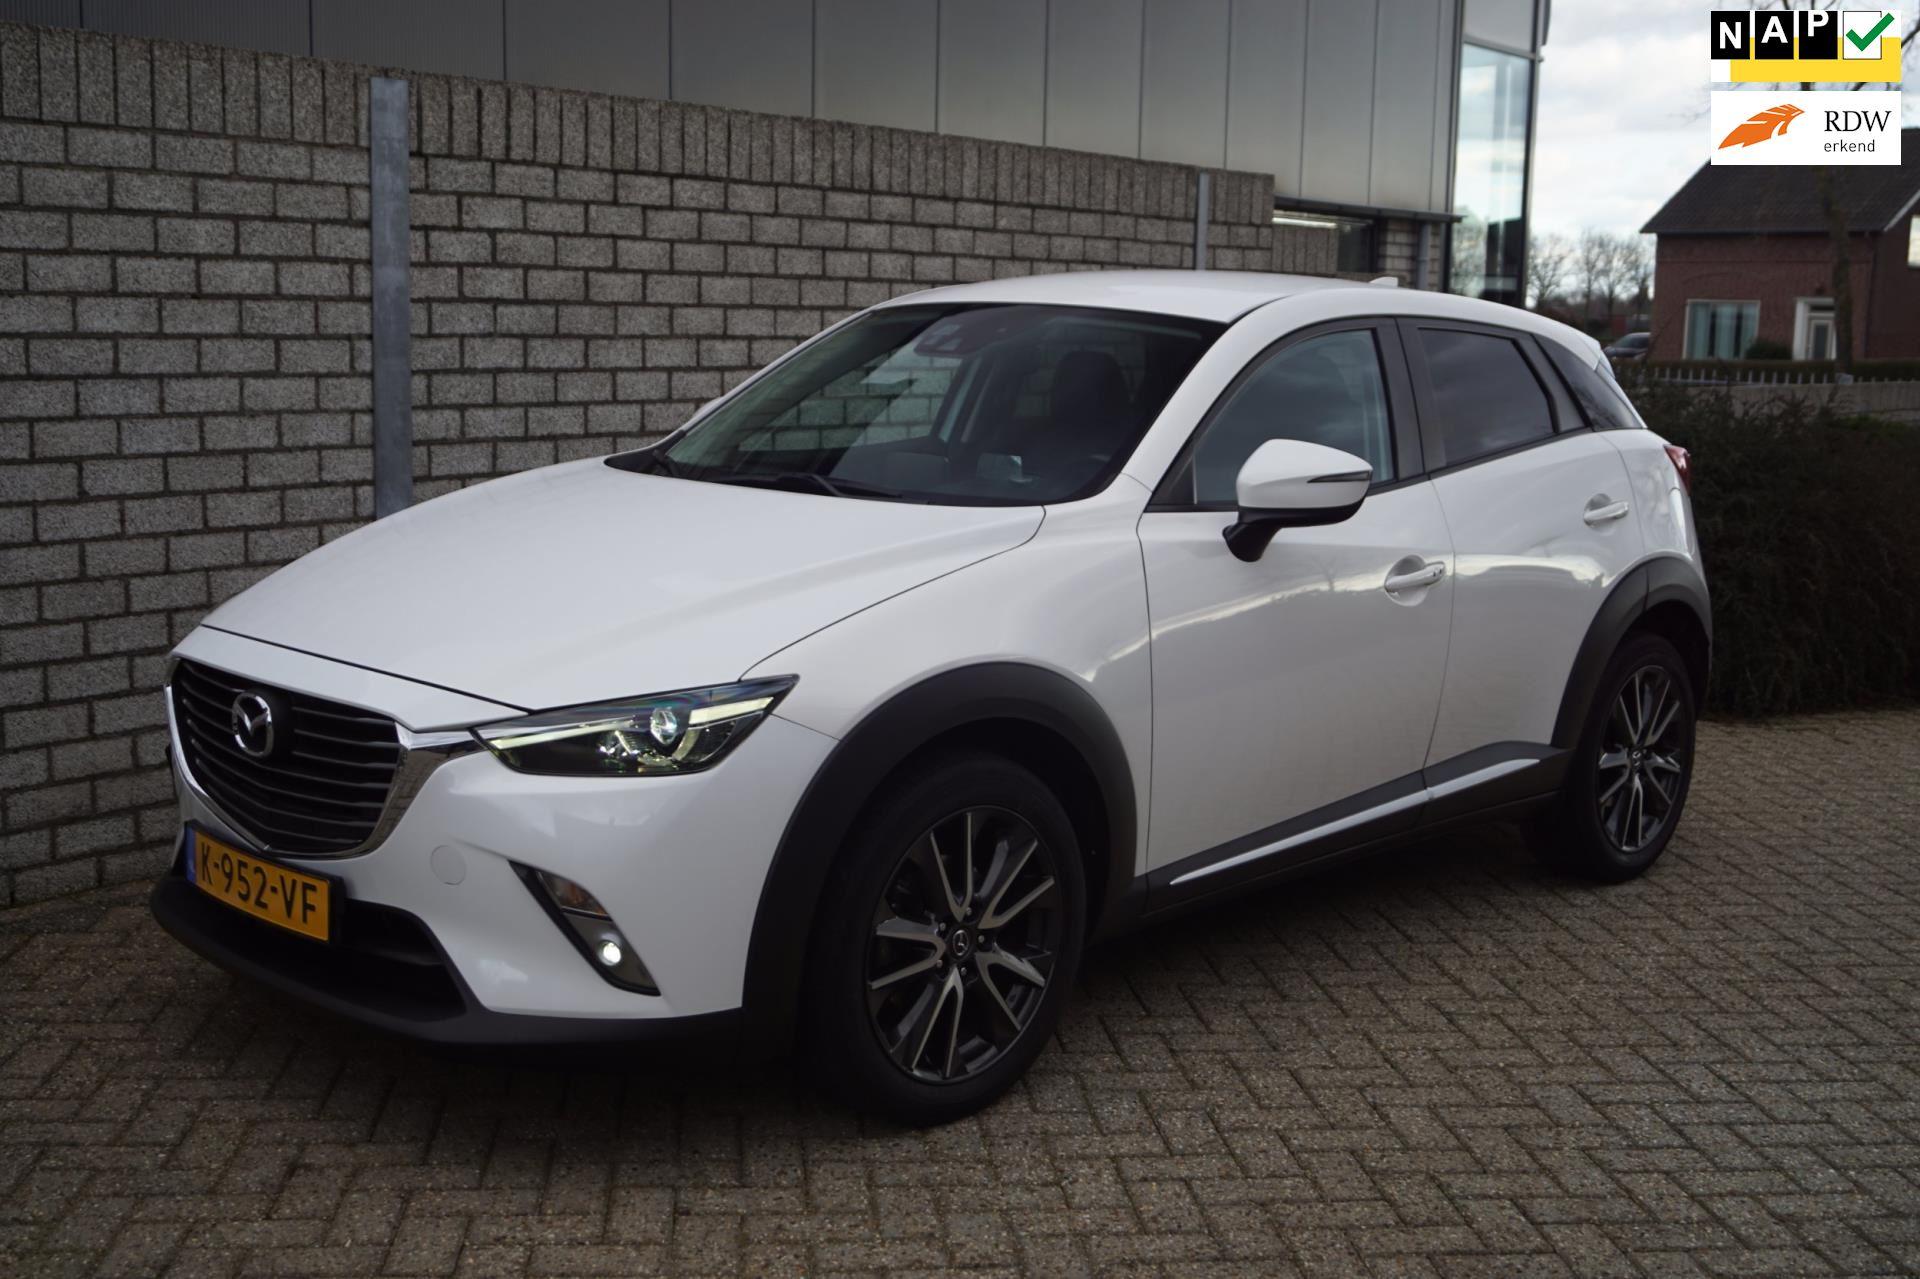 Mazda CX-3 occasion - Autobedrijf H. Wijdeven V.o.f.